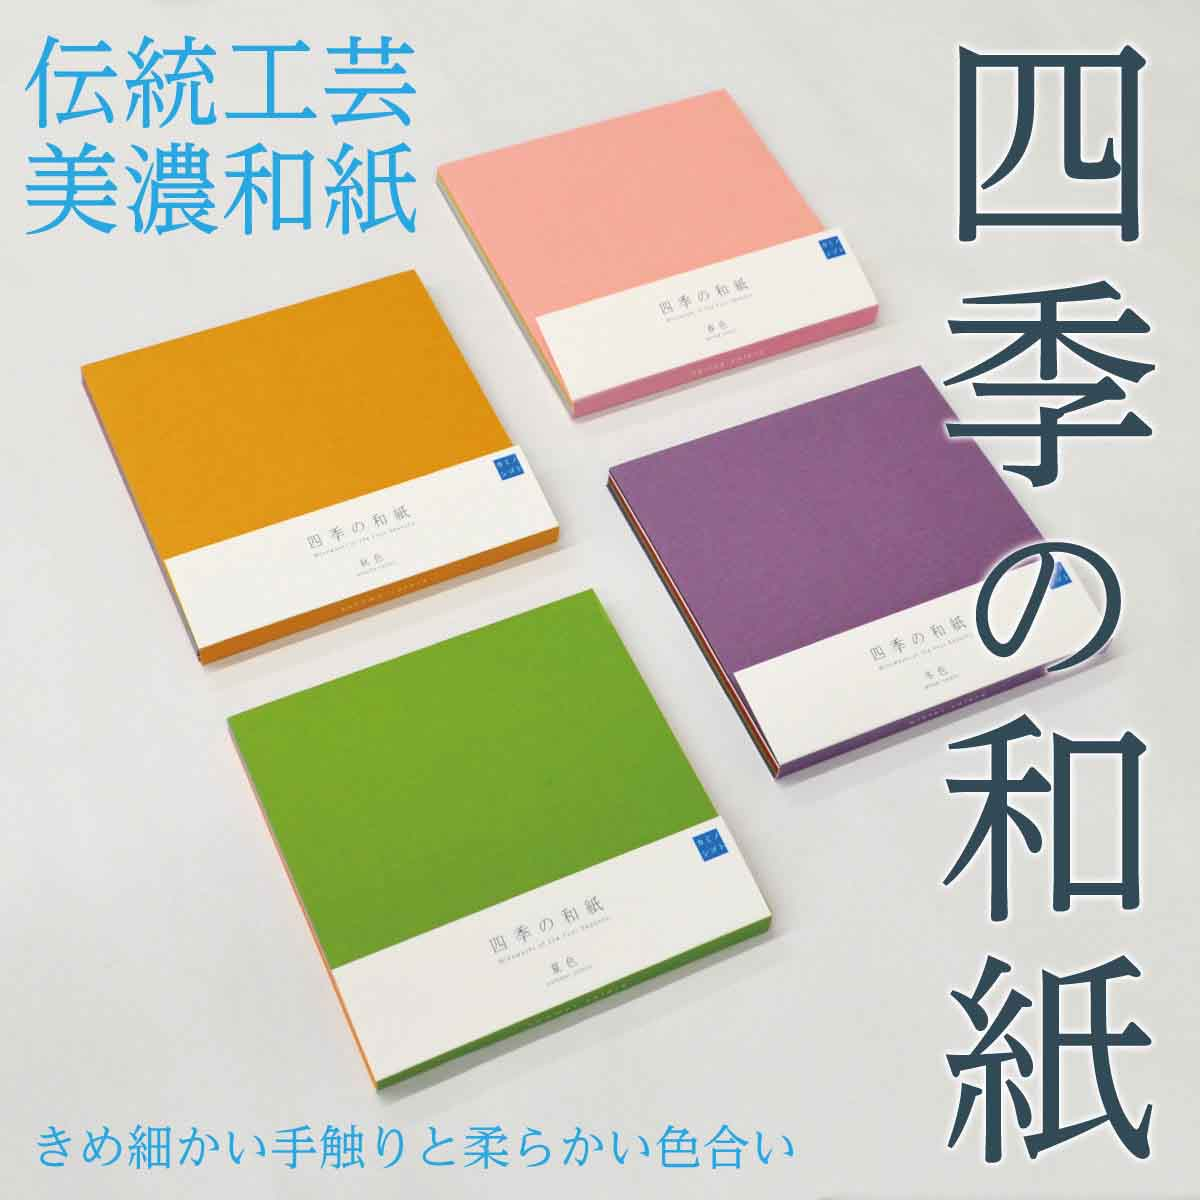 和紙のセット「四季の和紙」伝統工芸美濃和紙を折り紙にパッケージ